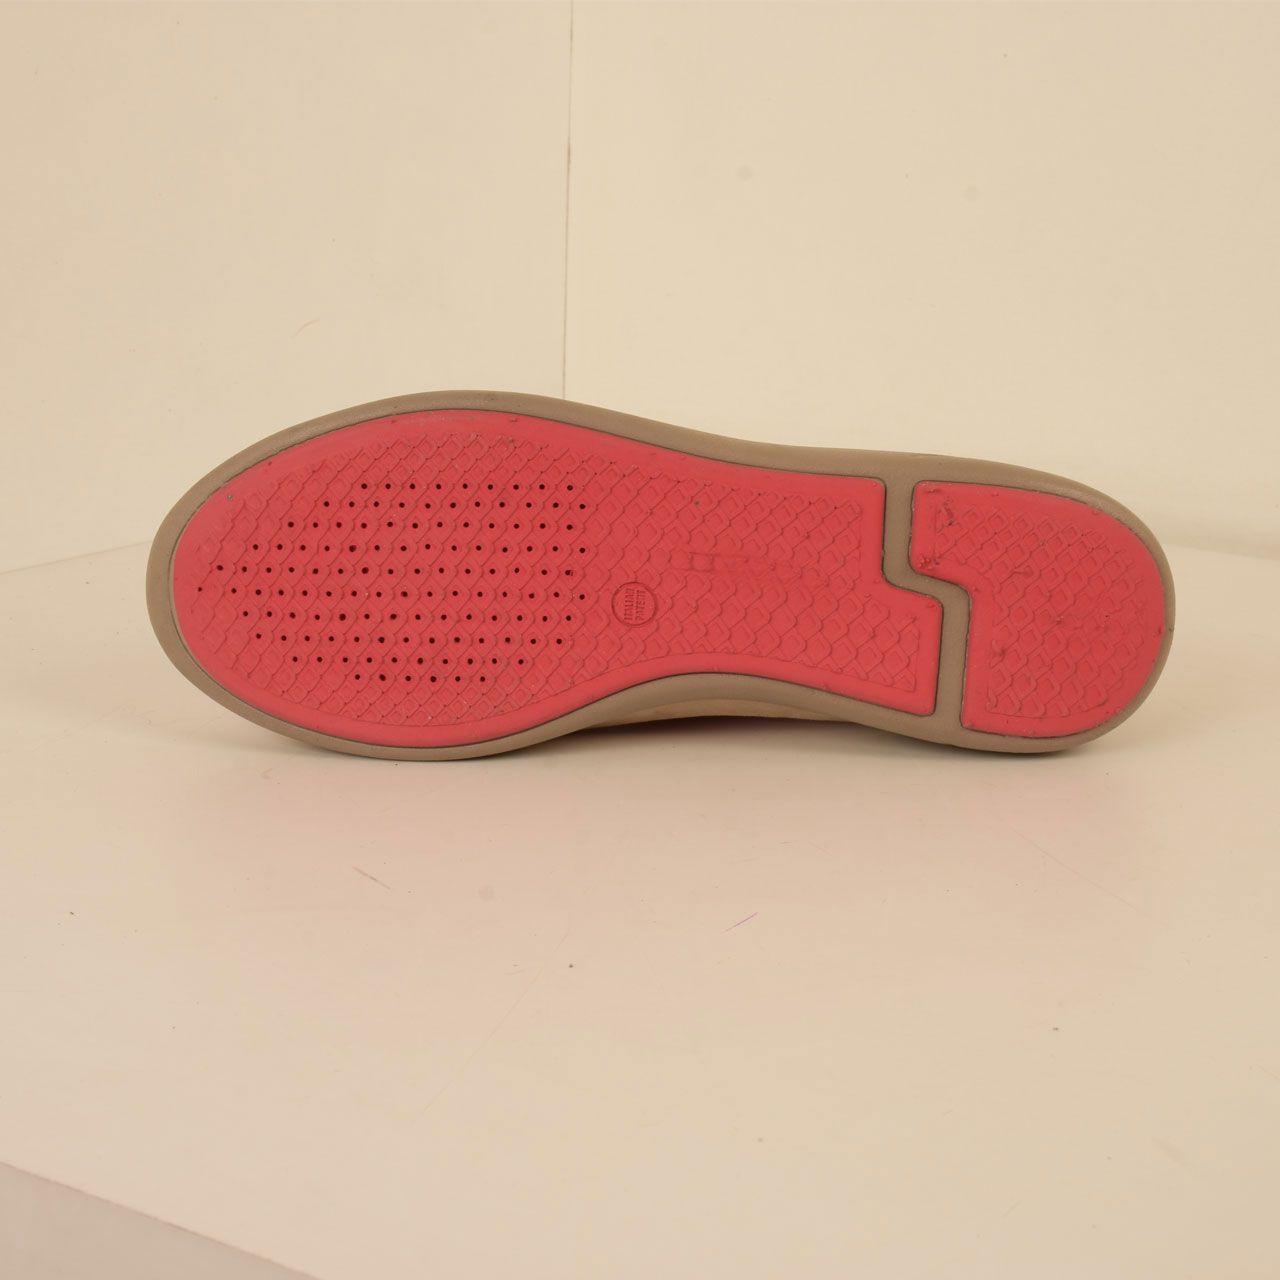 کفش روزمره زنانه پارینه چرم مدل SHOW4-2 main 1 4